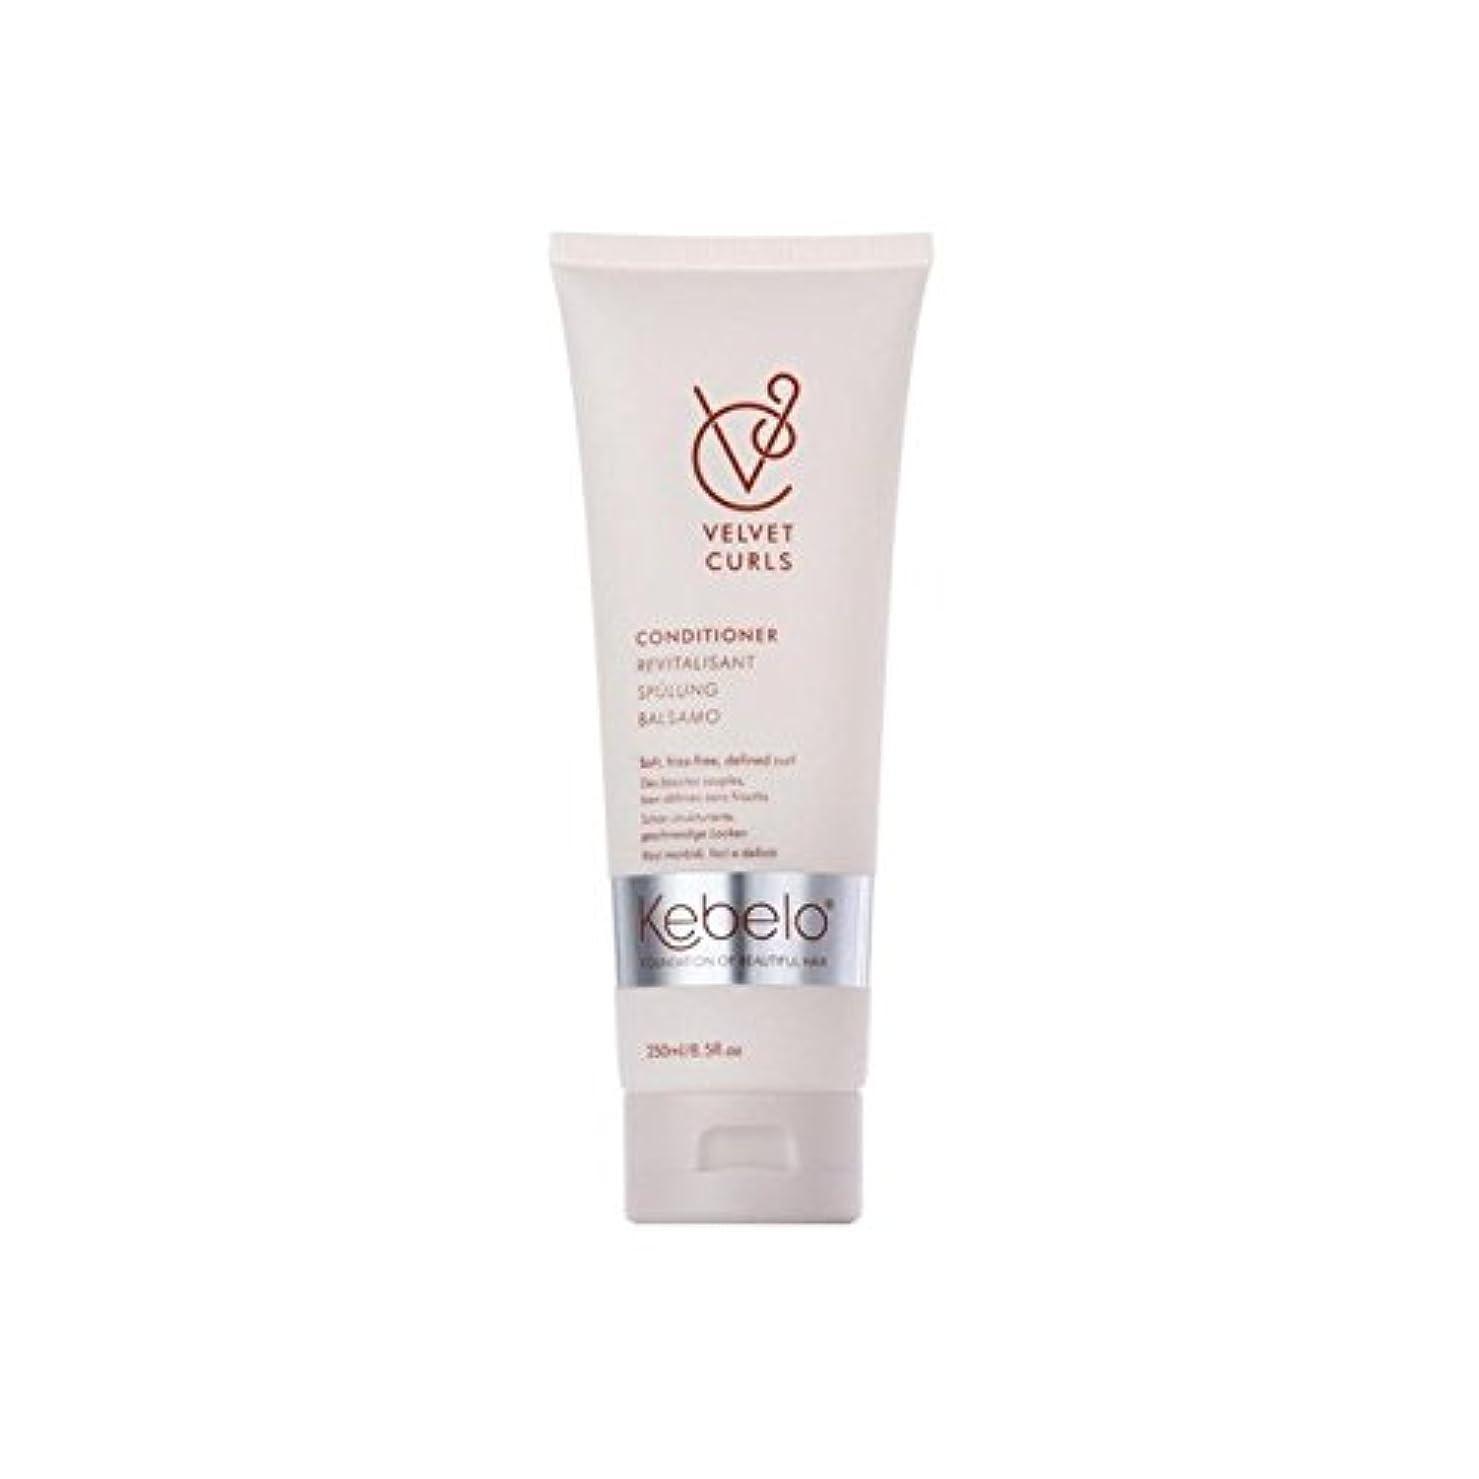 壊滅的な丈夫食事ベルベットのカールコンディショナー(250ミリリットル) x4 - Kebelo Velvet Curls Conditioner (250ml) (Pack of 4) [並行輸入品]